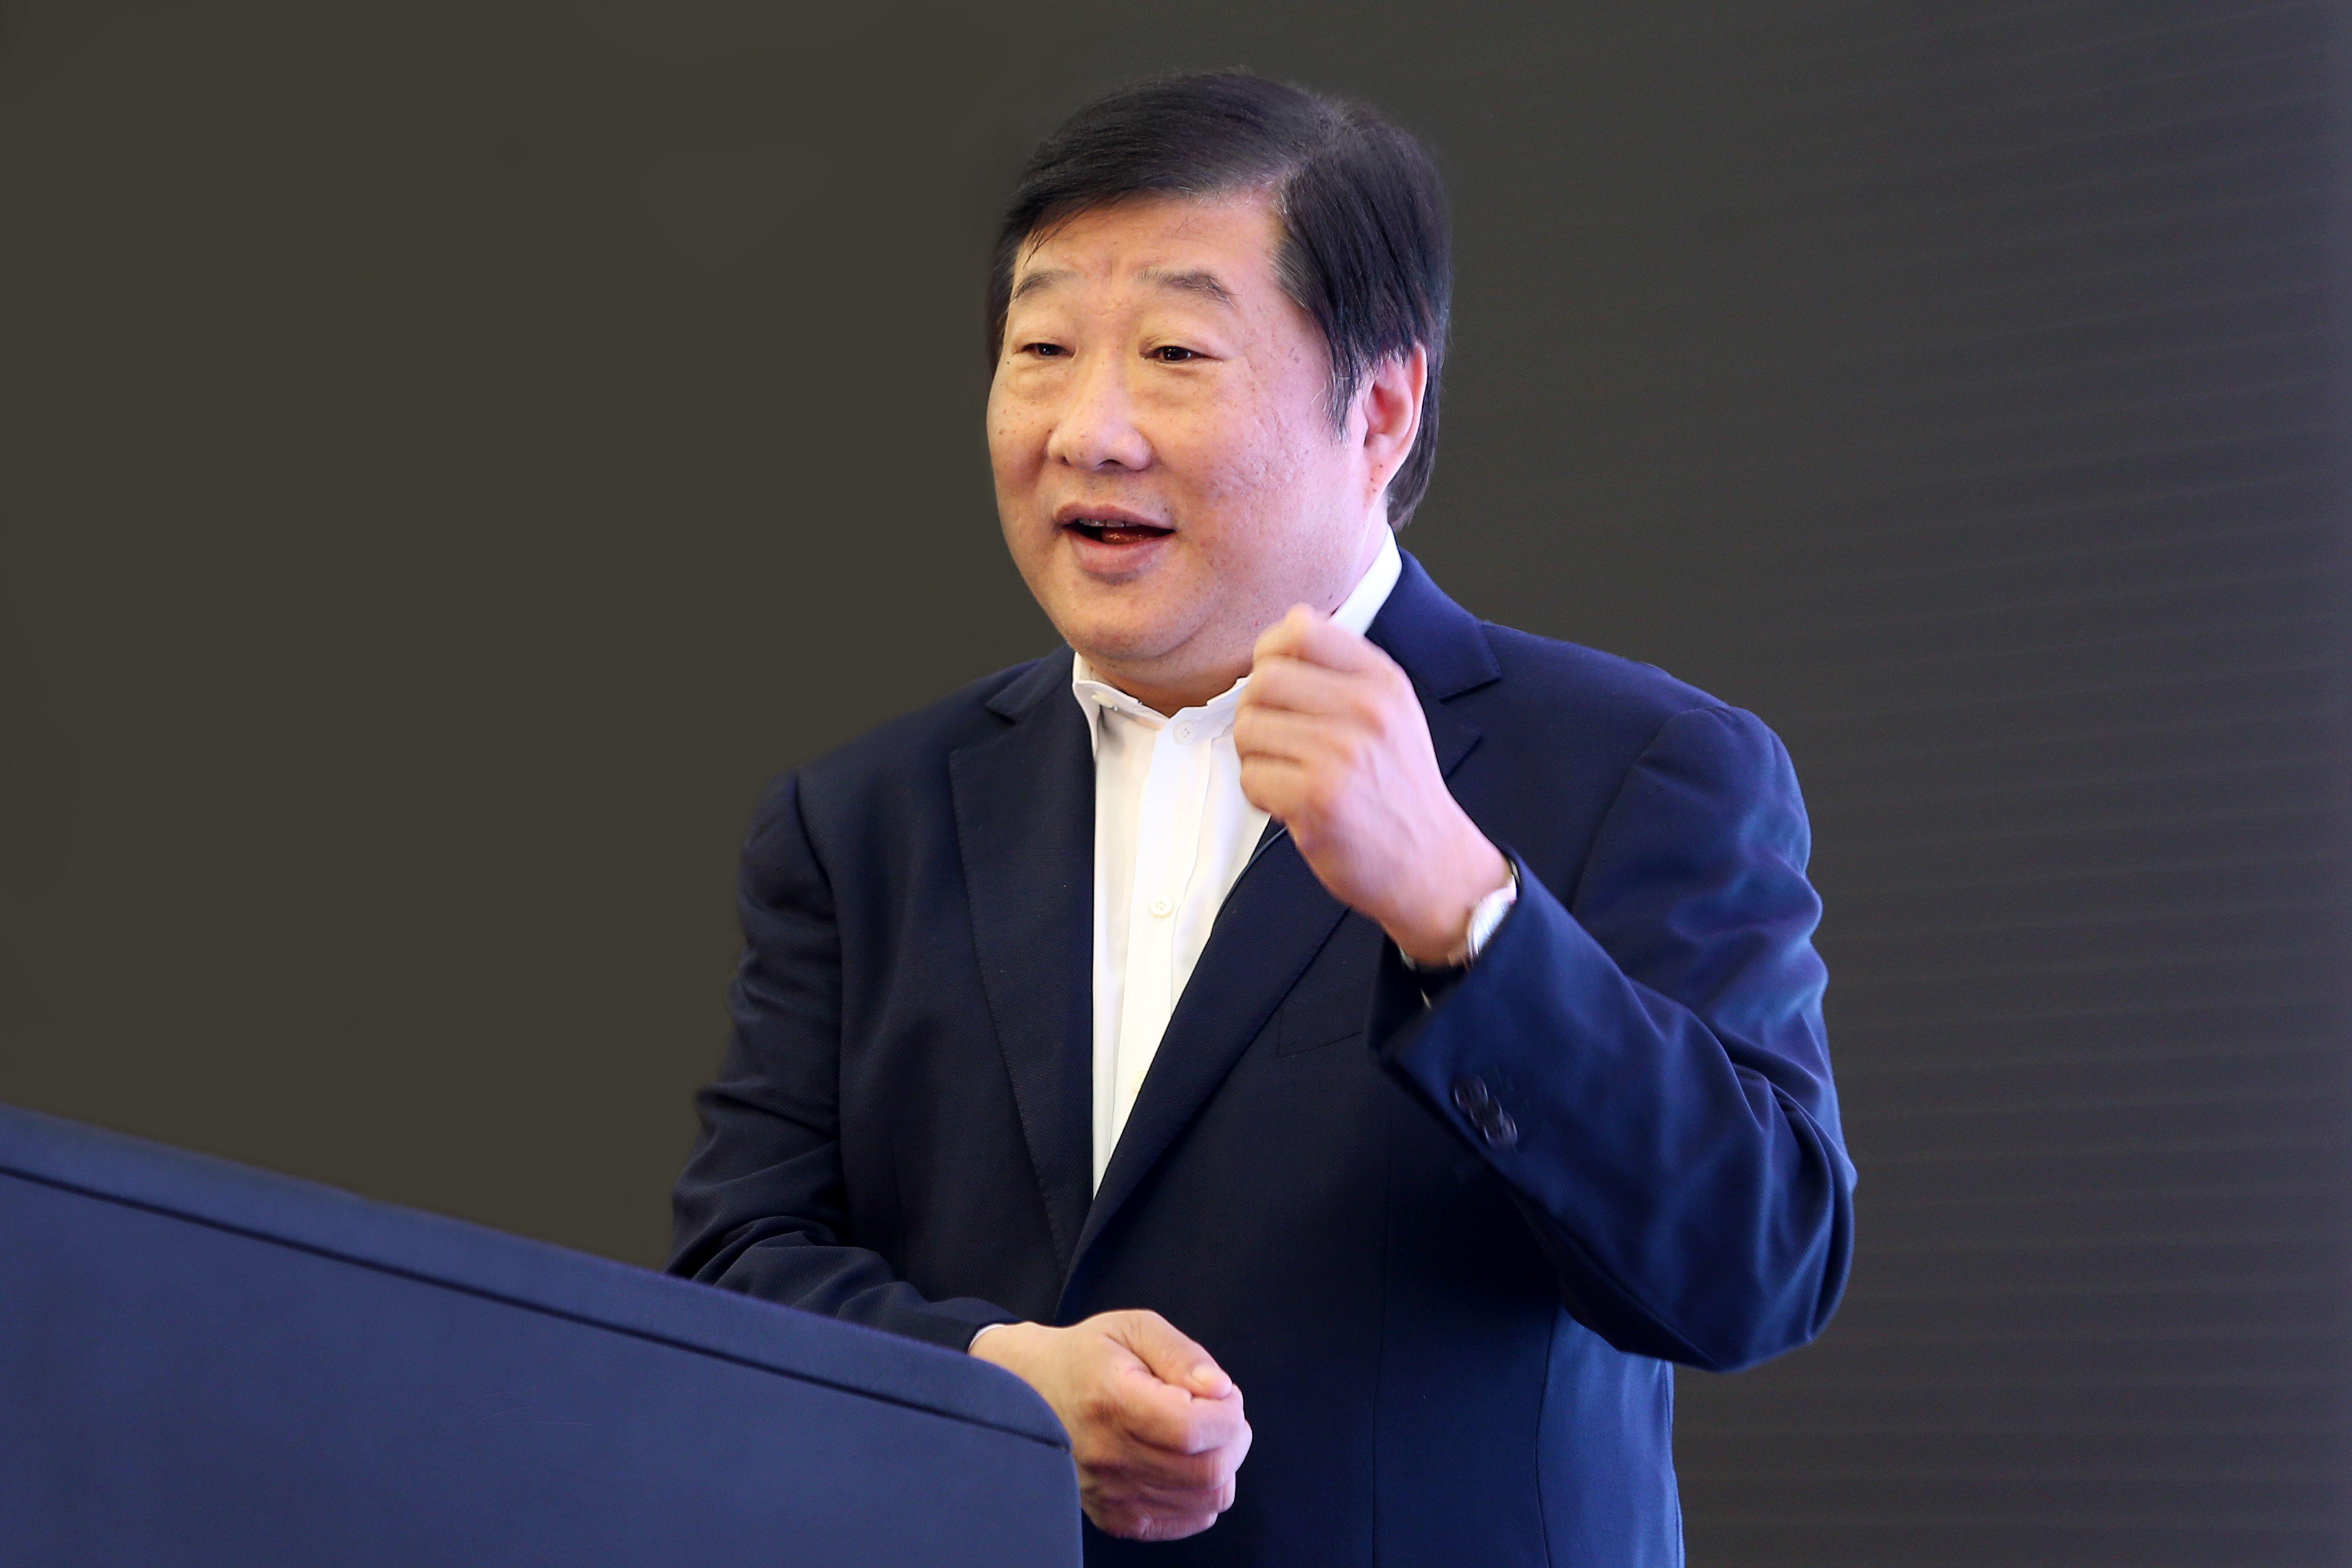 谭旭光谈企业家精神:敢于担当、关键时刻挺身而出